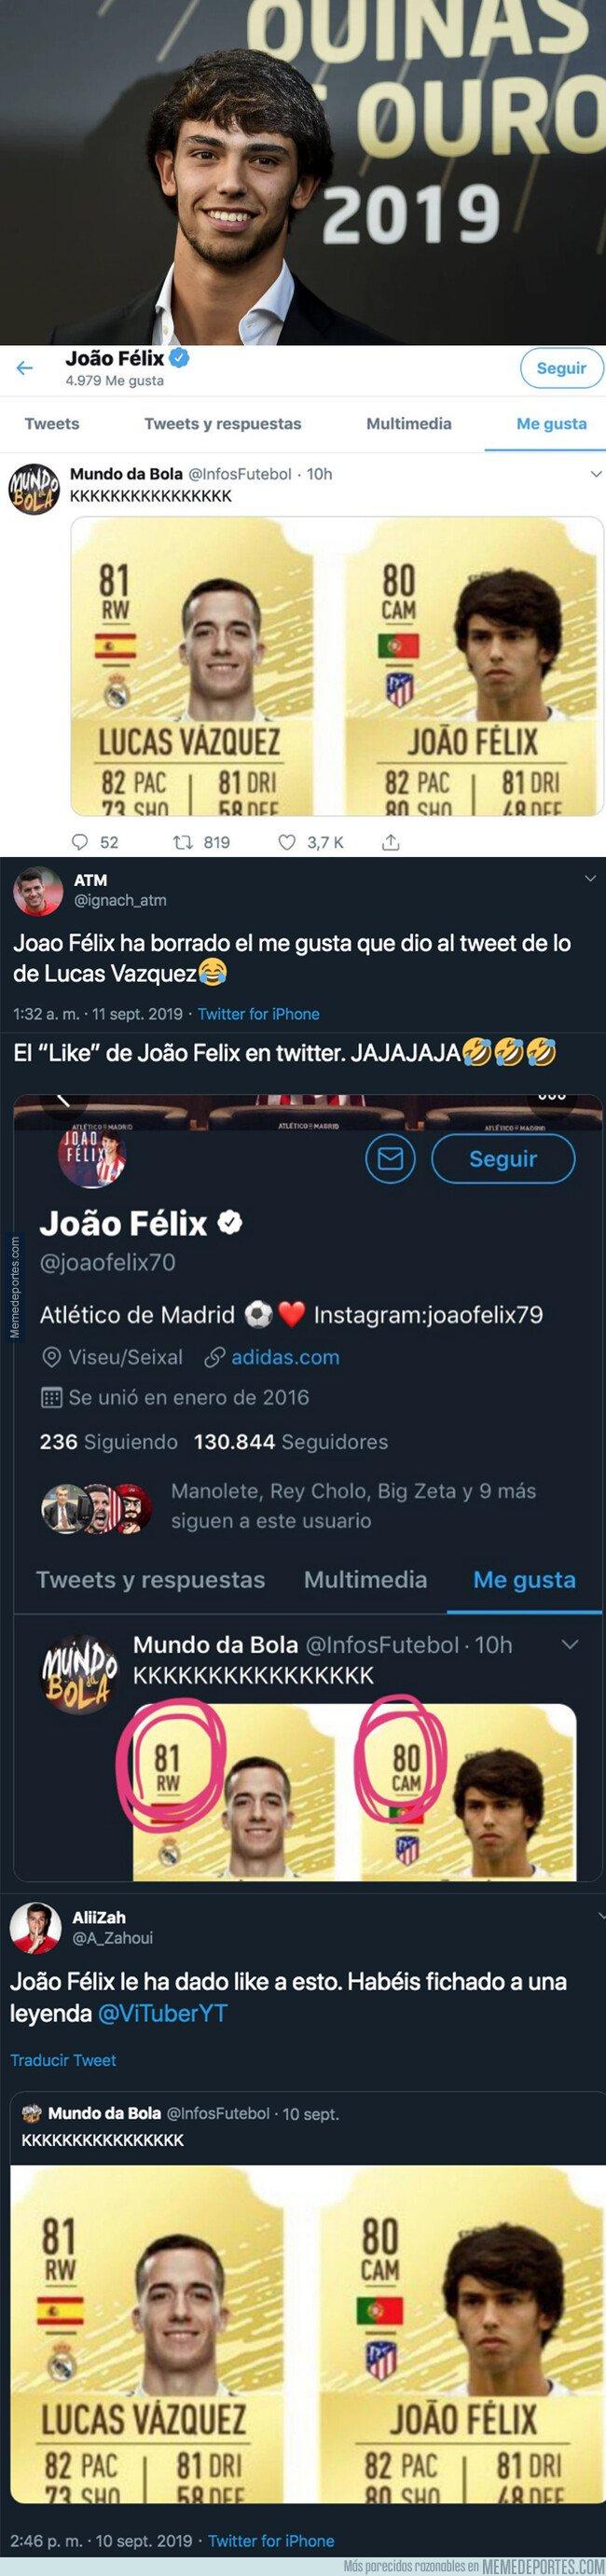 1085596 - El 'like' más polémico de Joao Felix en Twitter que ha revolucionado todo internet